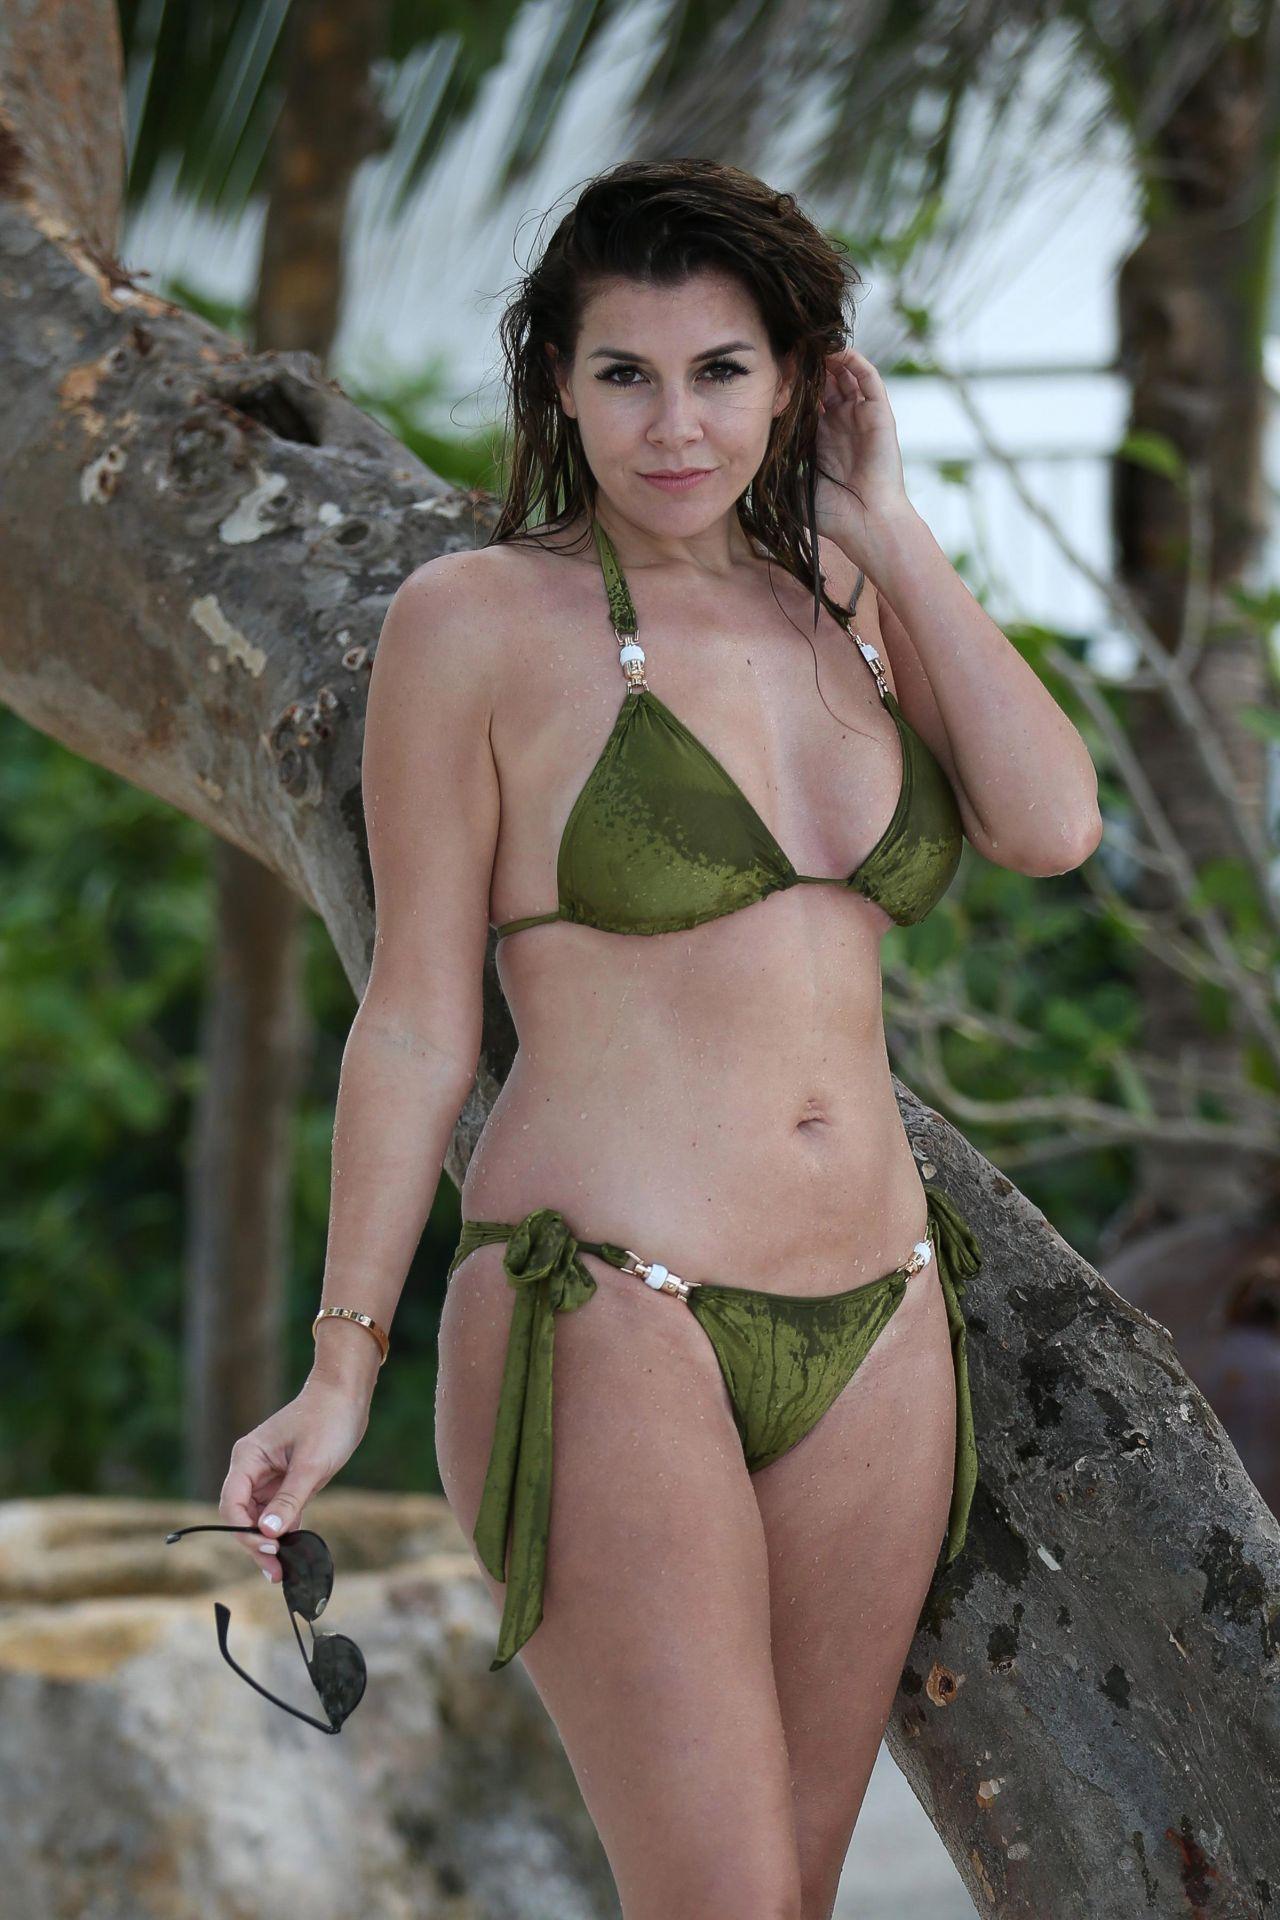 Imogen Thomas in Green Bikini in Miami Pic 6 of 35